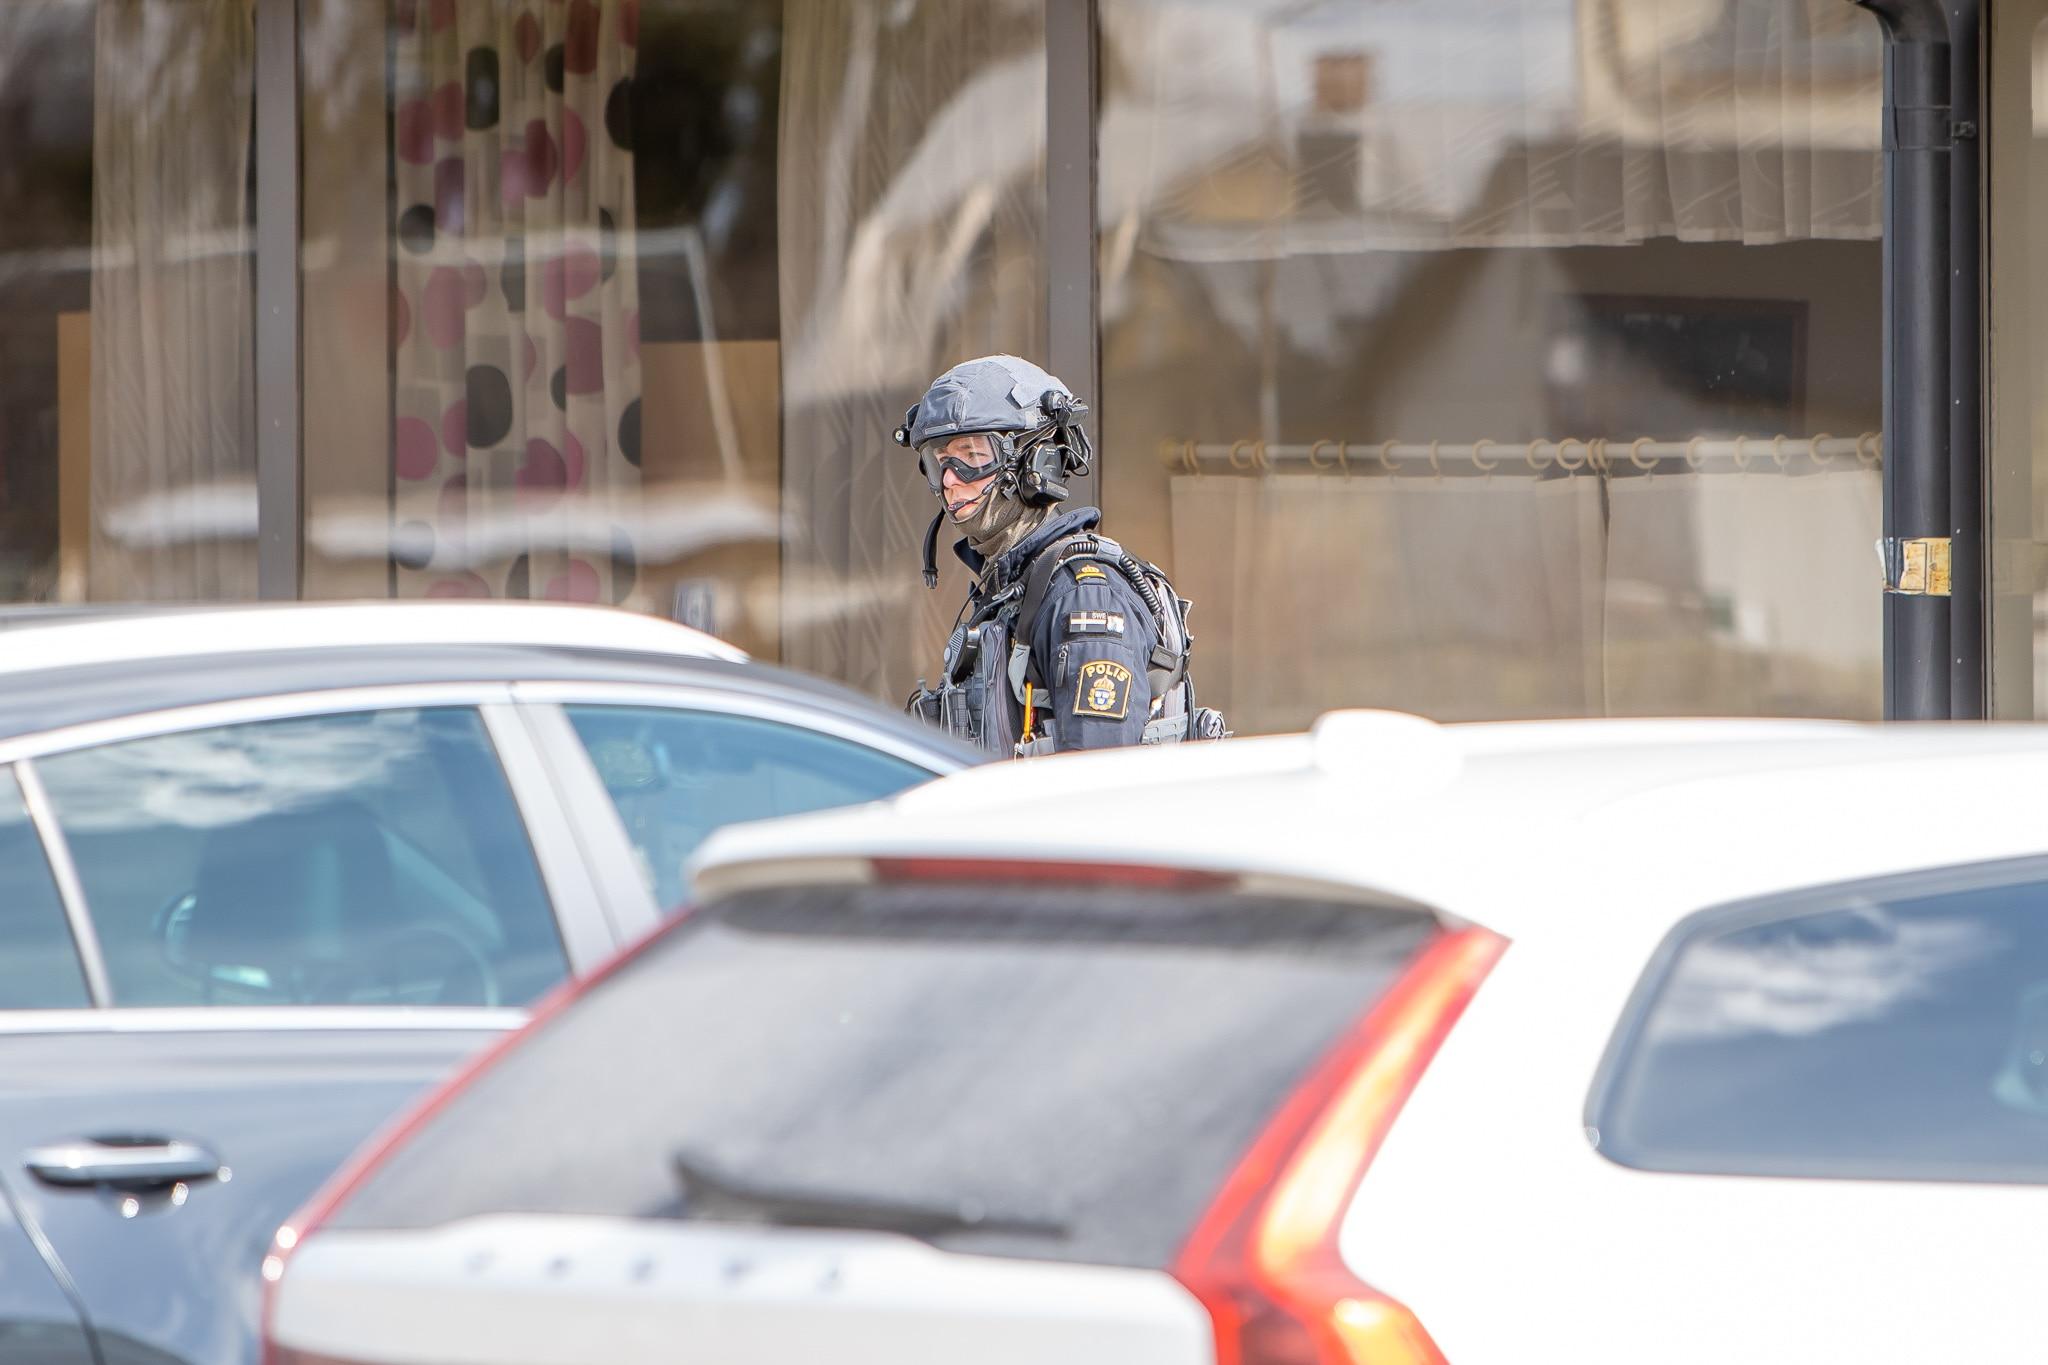 Polispådrag på Medborgarhuset efter hot. Foto: Morgan Grip